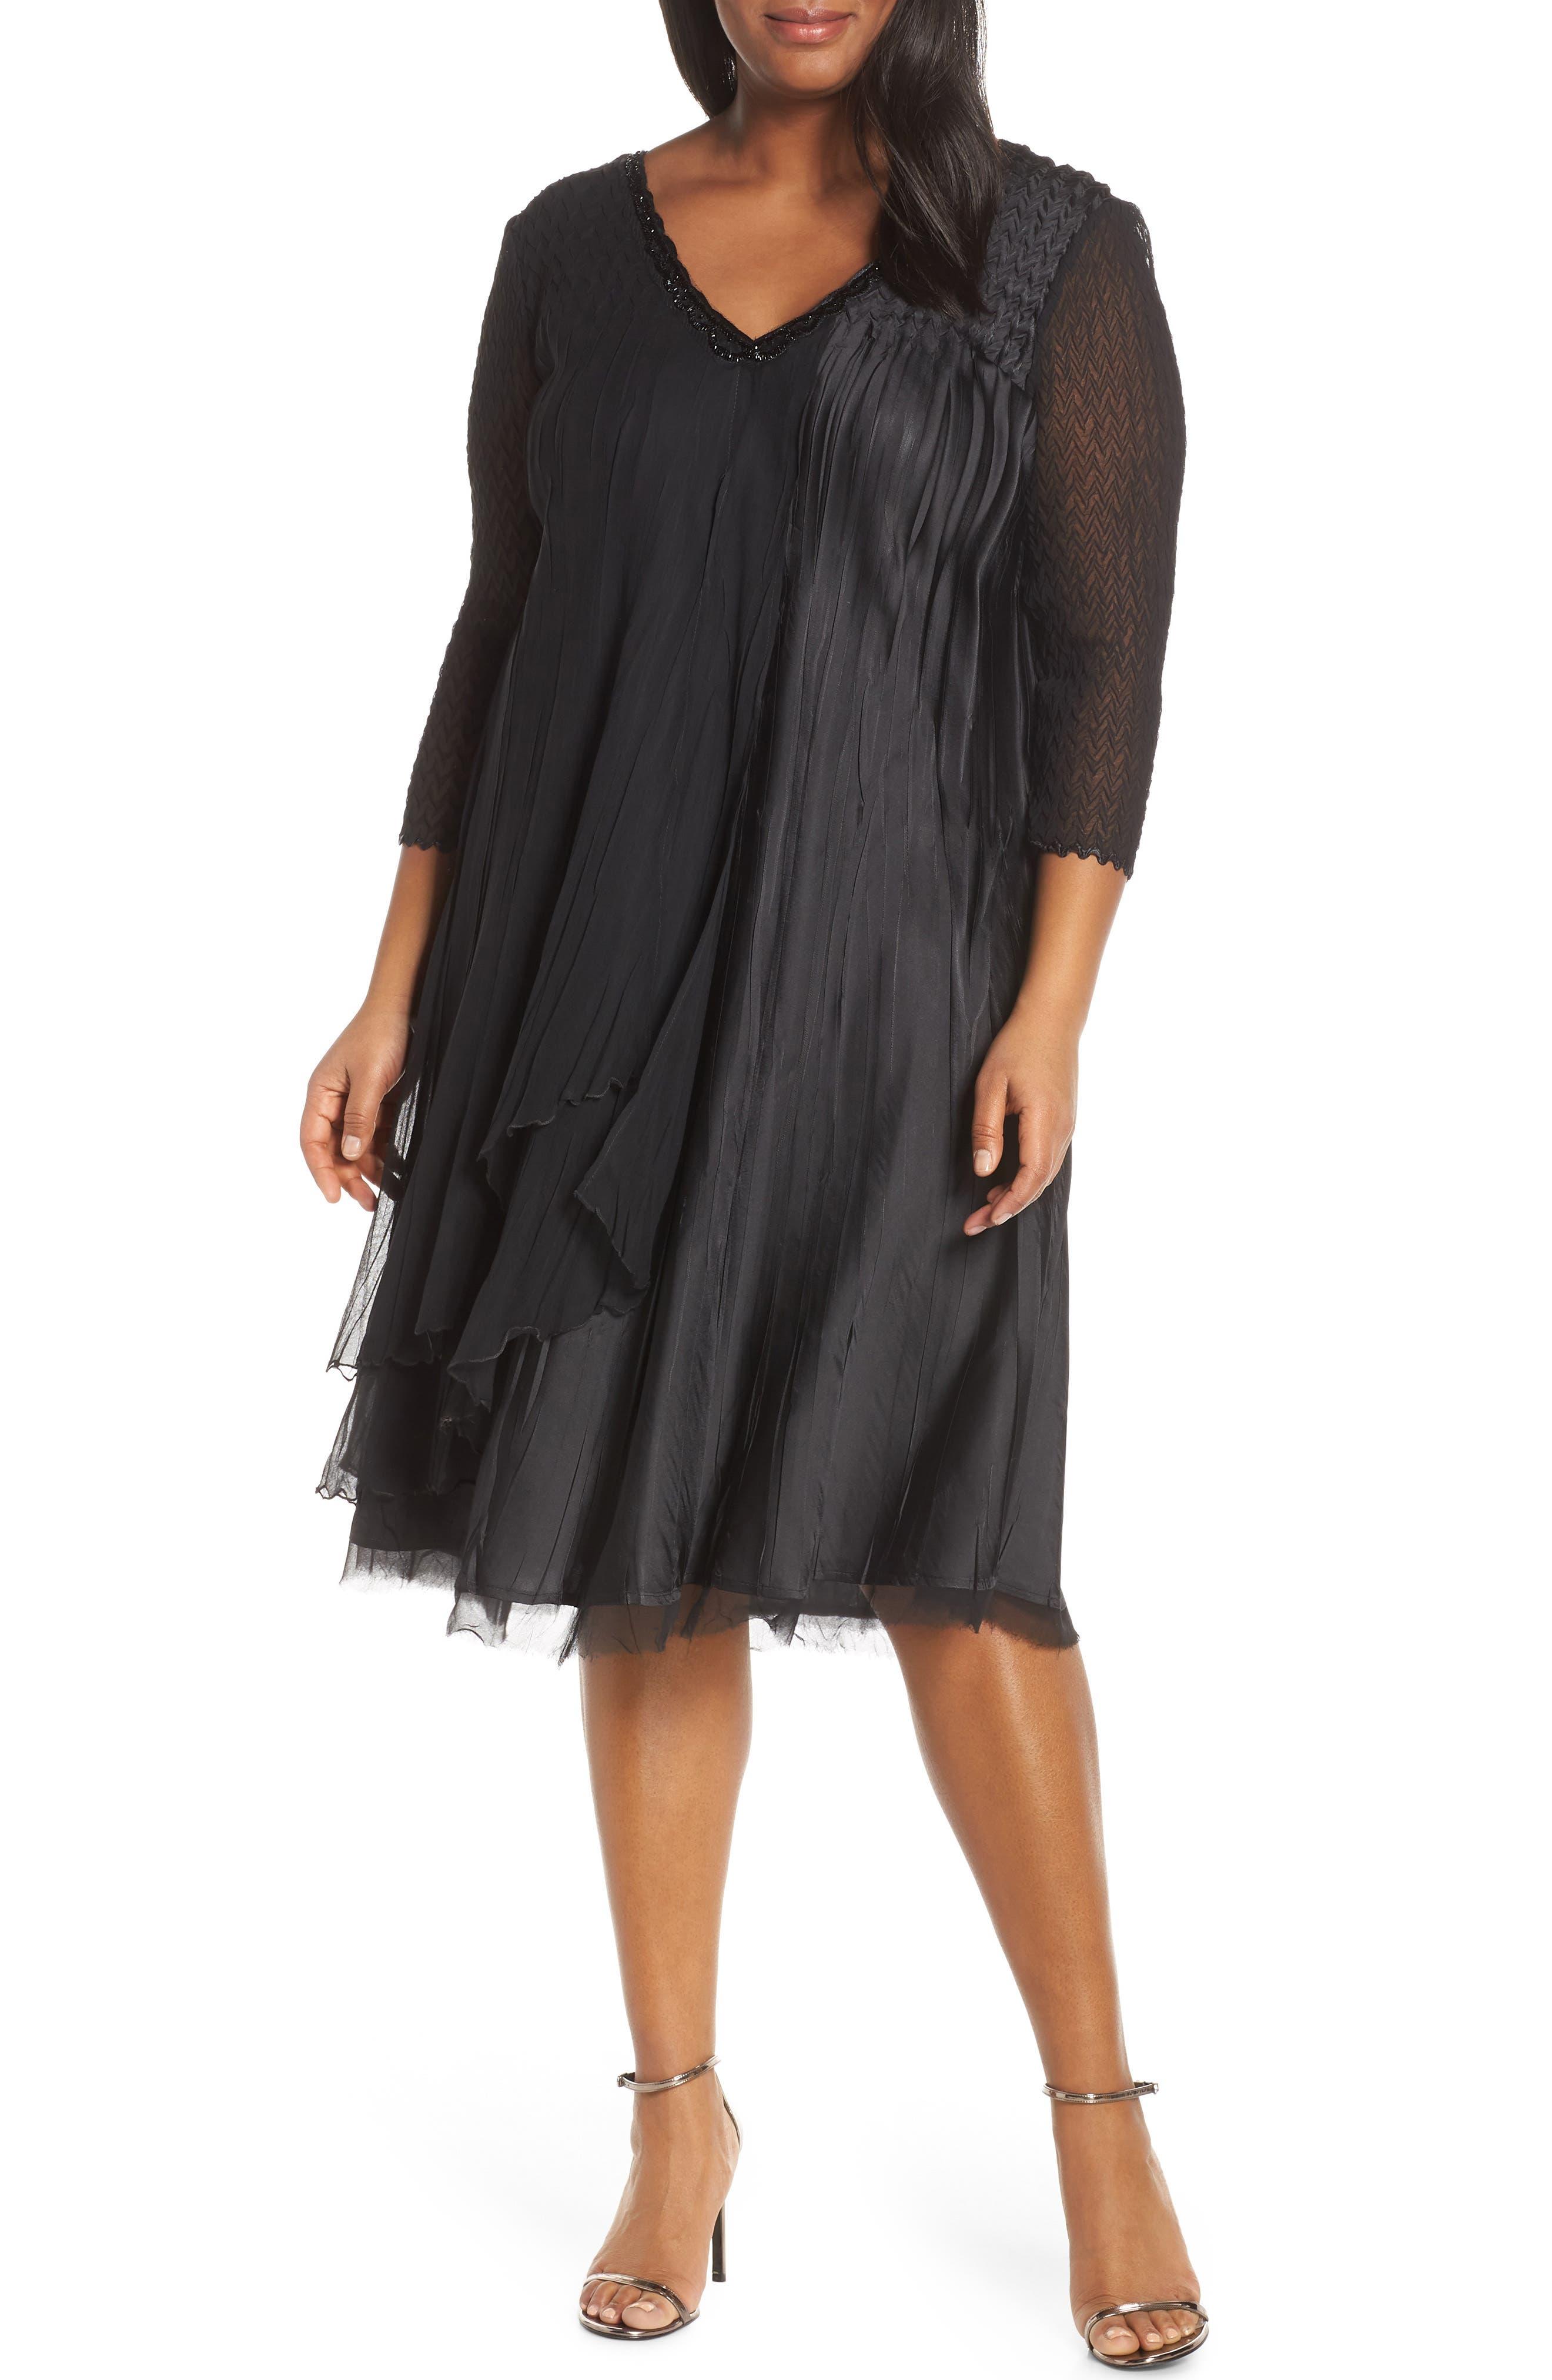 KOMAROV, Beaded Neck Chiffon Dress, Main thumbnail 1, color, 001